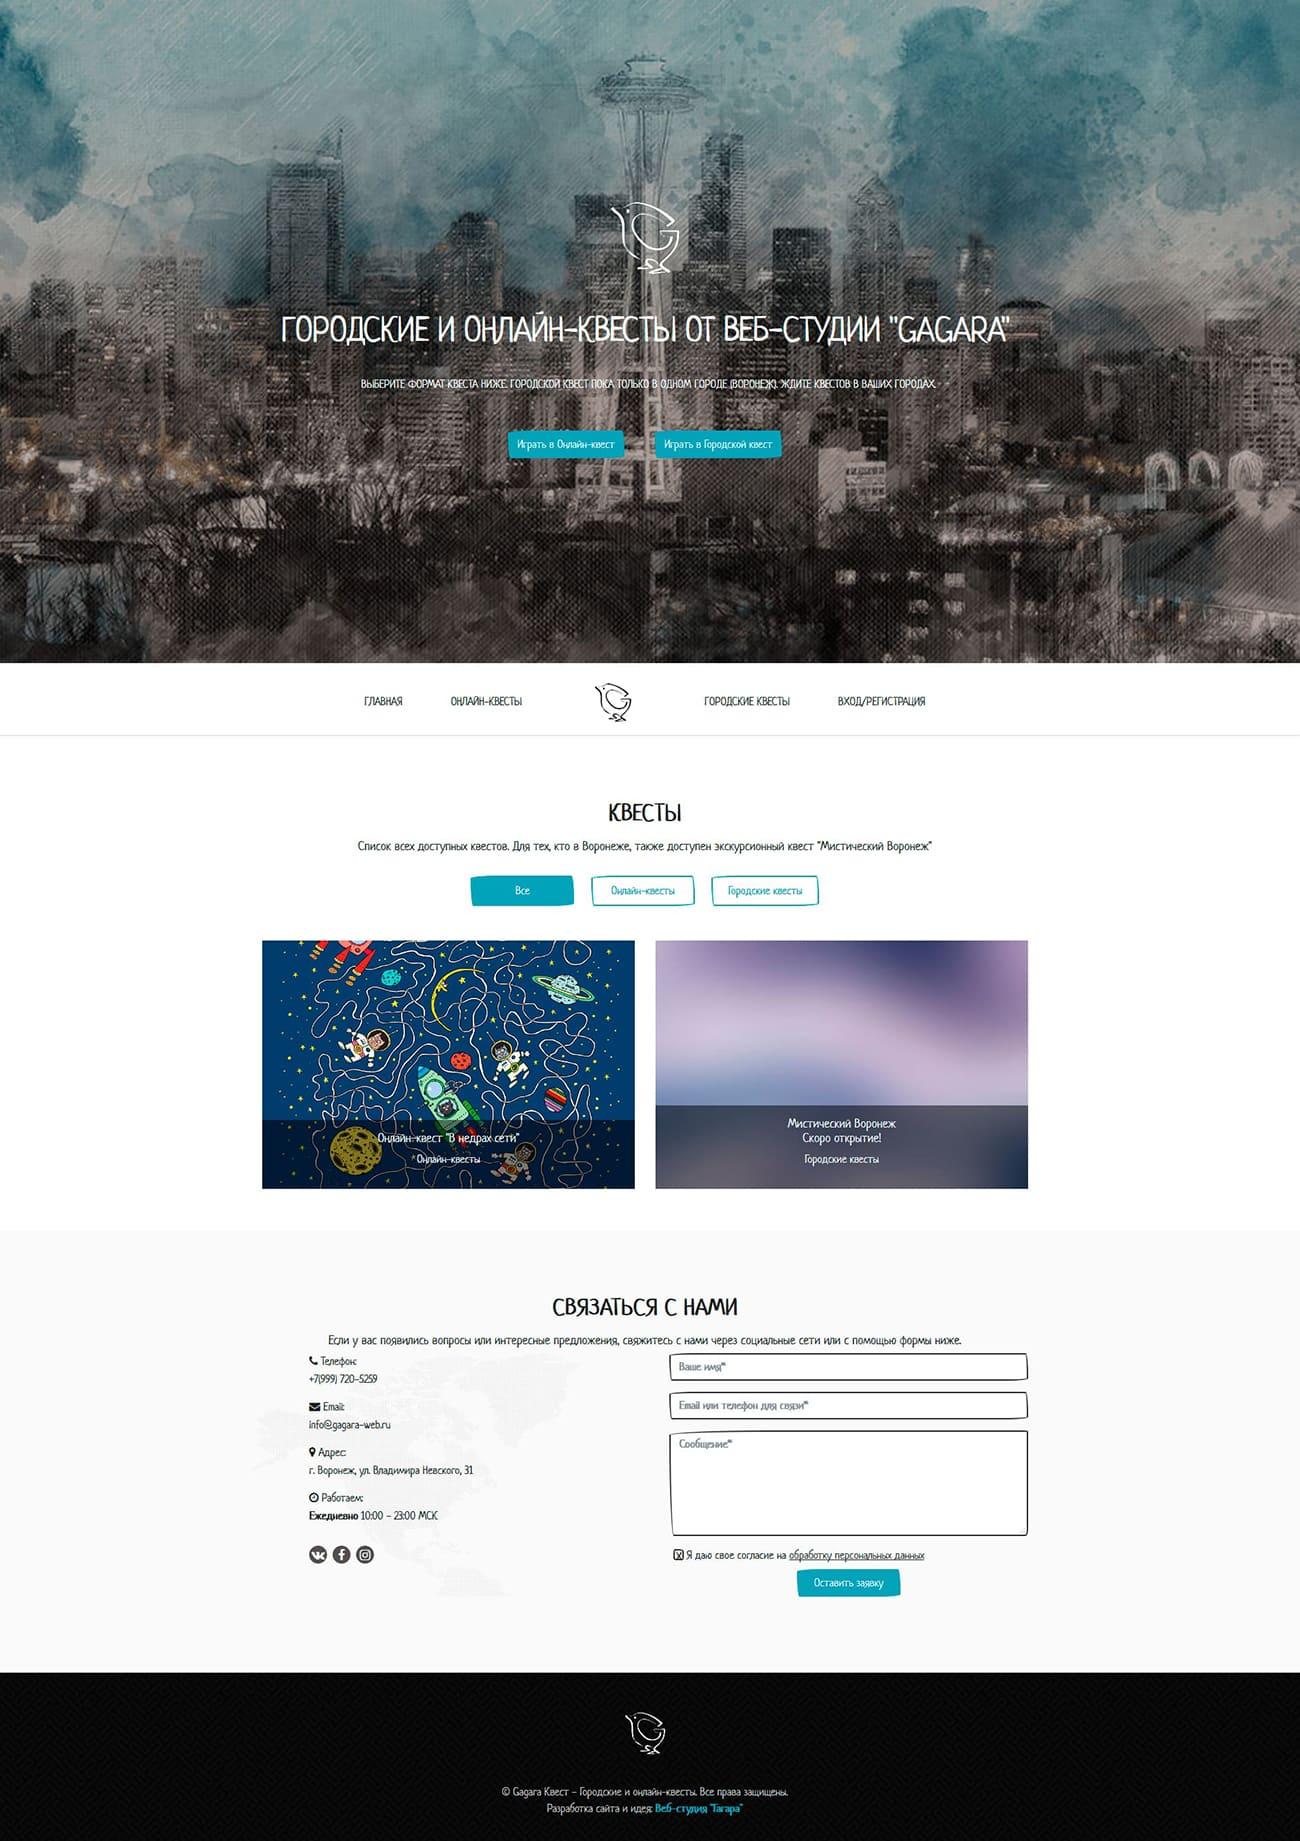 Проект Онлайн-квесты от Гагары полный размер